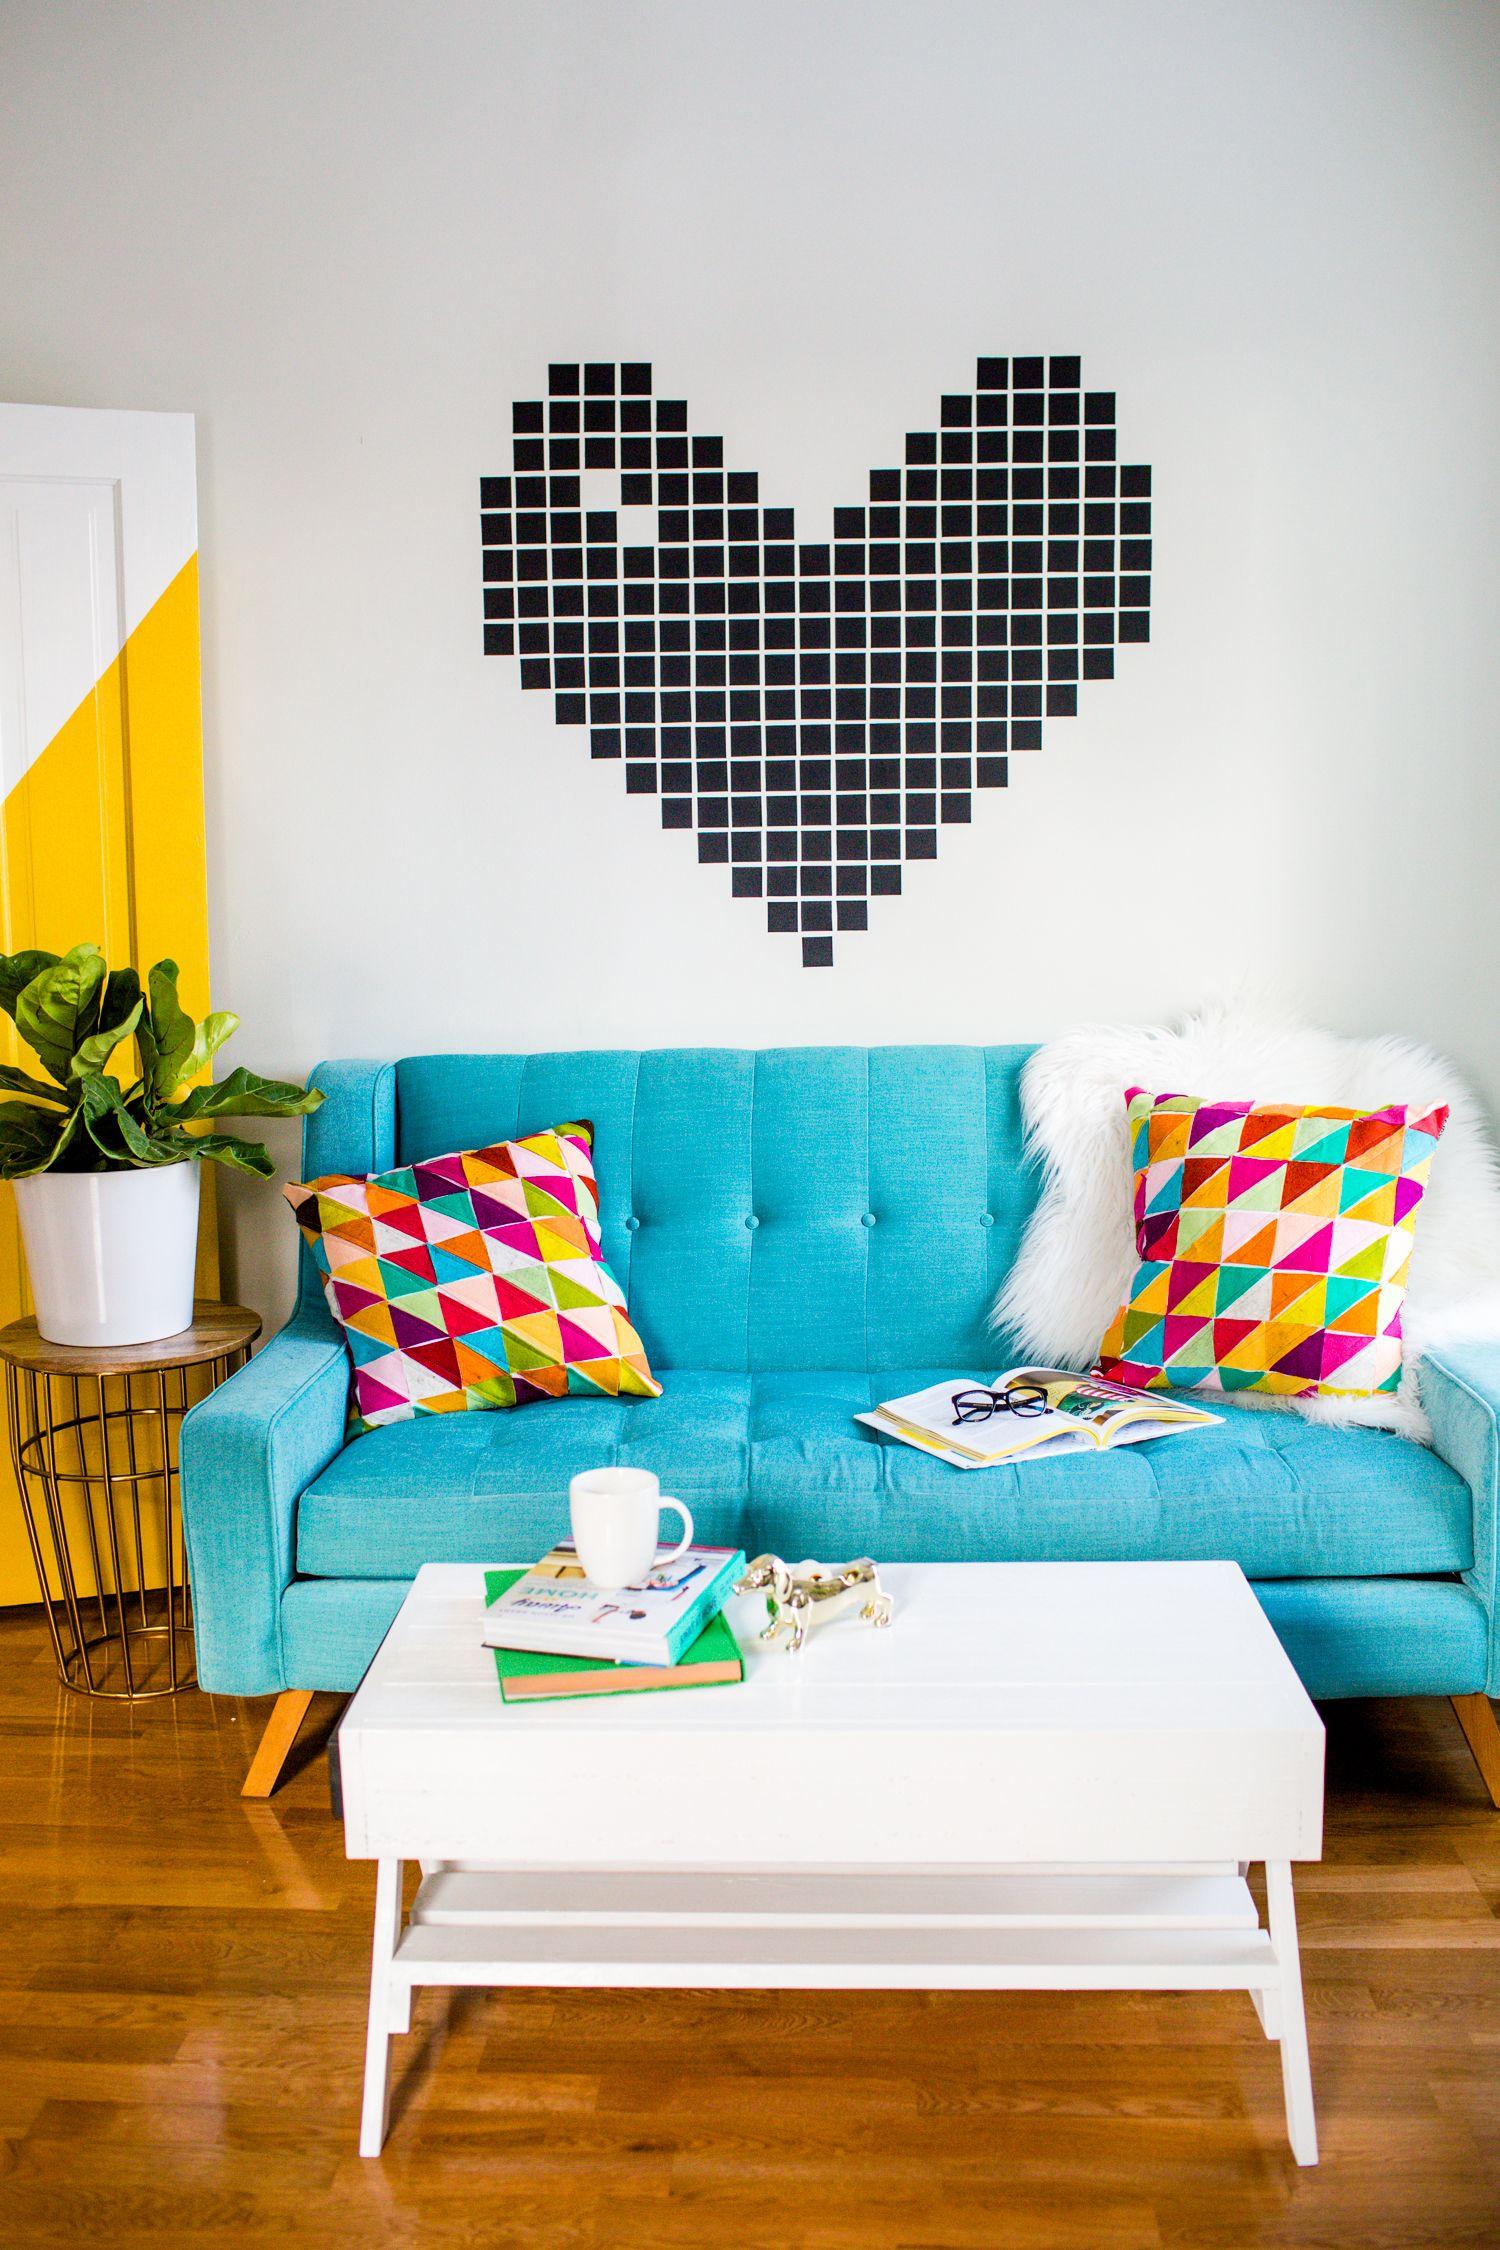 Inneneinrichtung Urkomisch Leere Wand Dekoration Ideen Mehr Auf Unserer Website Die Wand Ist Eine Wichtige Sache Um Ein Dekor Haus Deko Wohnzimmer Dekor